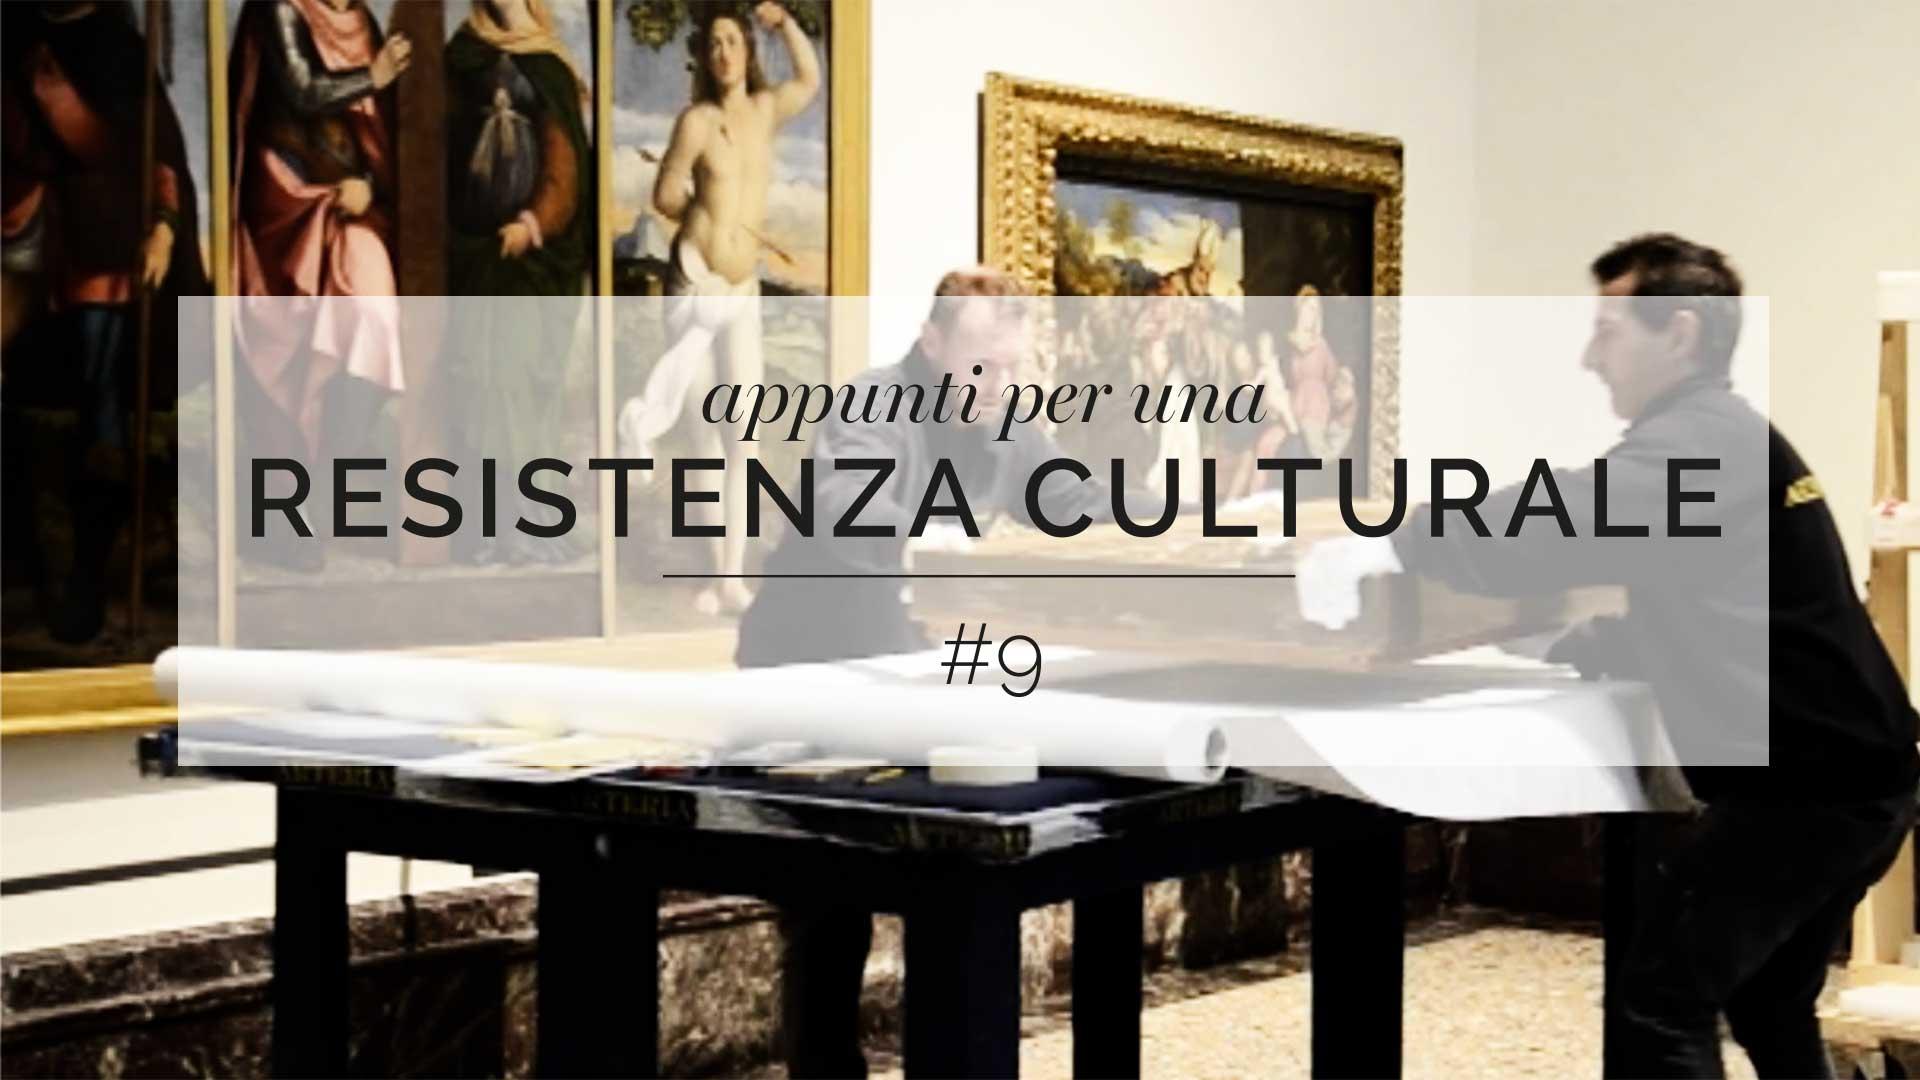 Appunti per una resistenza culturale #9